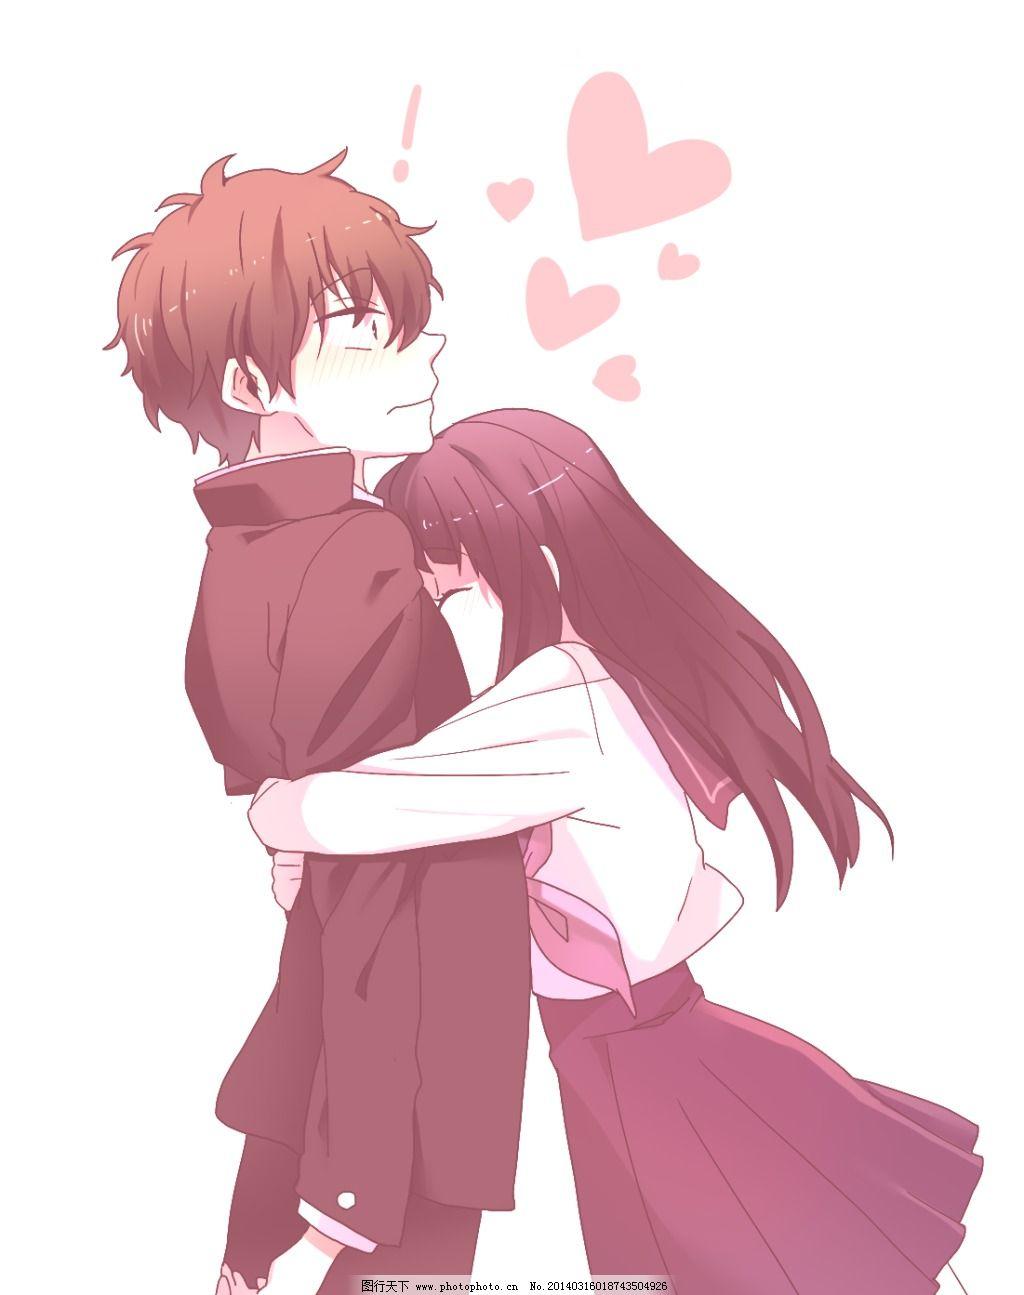 拥抱的情侣_可爱卡通_动漫卡通_图行天下图库